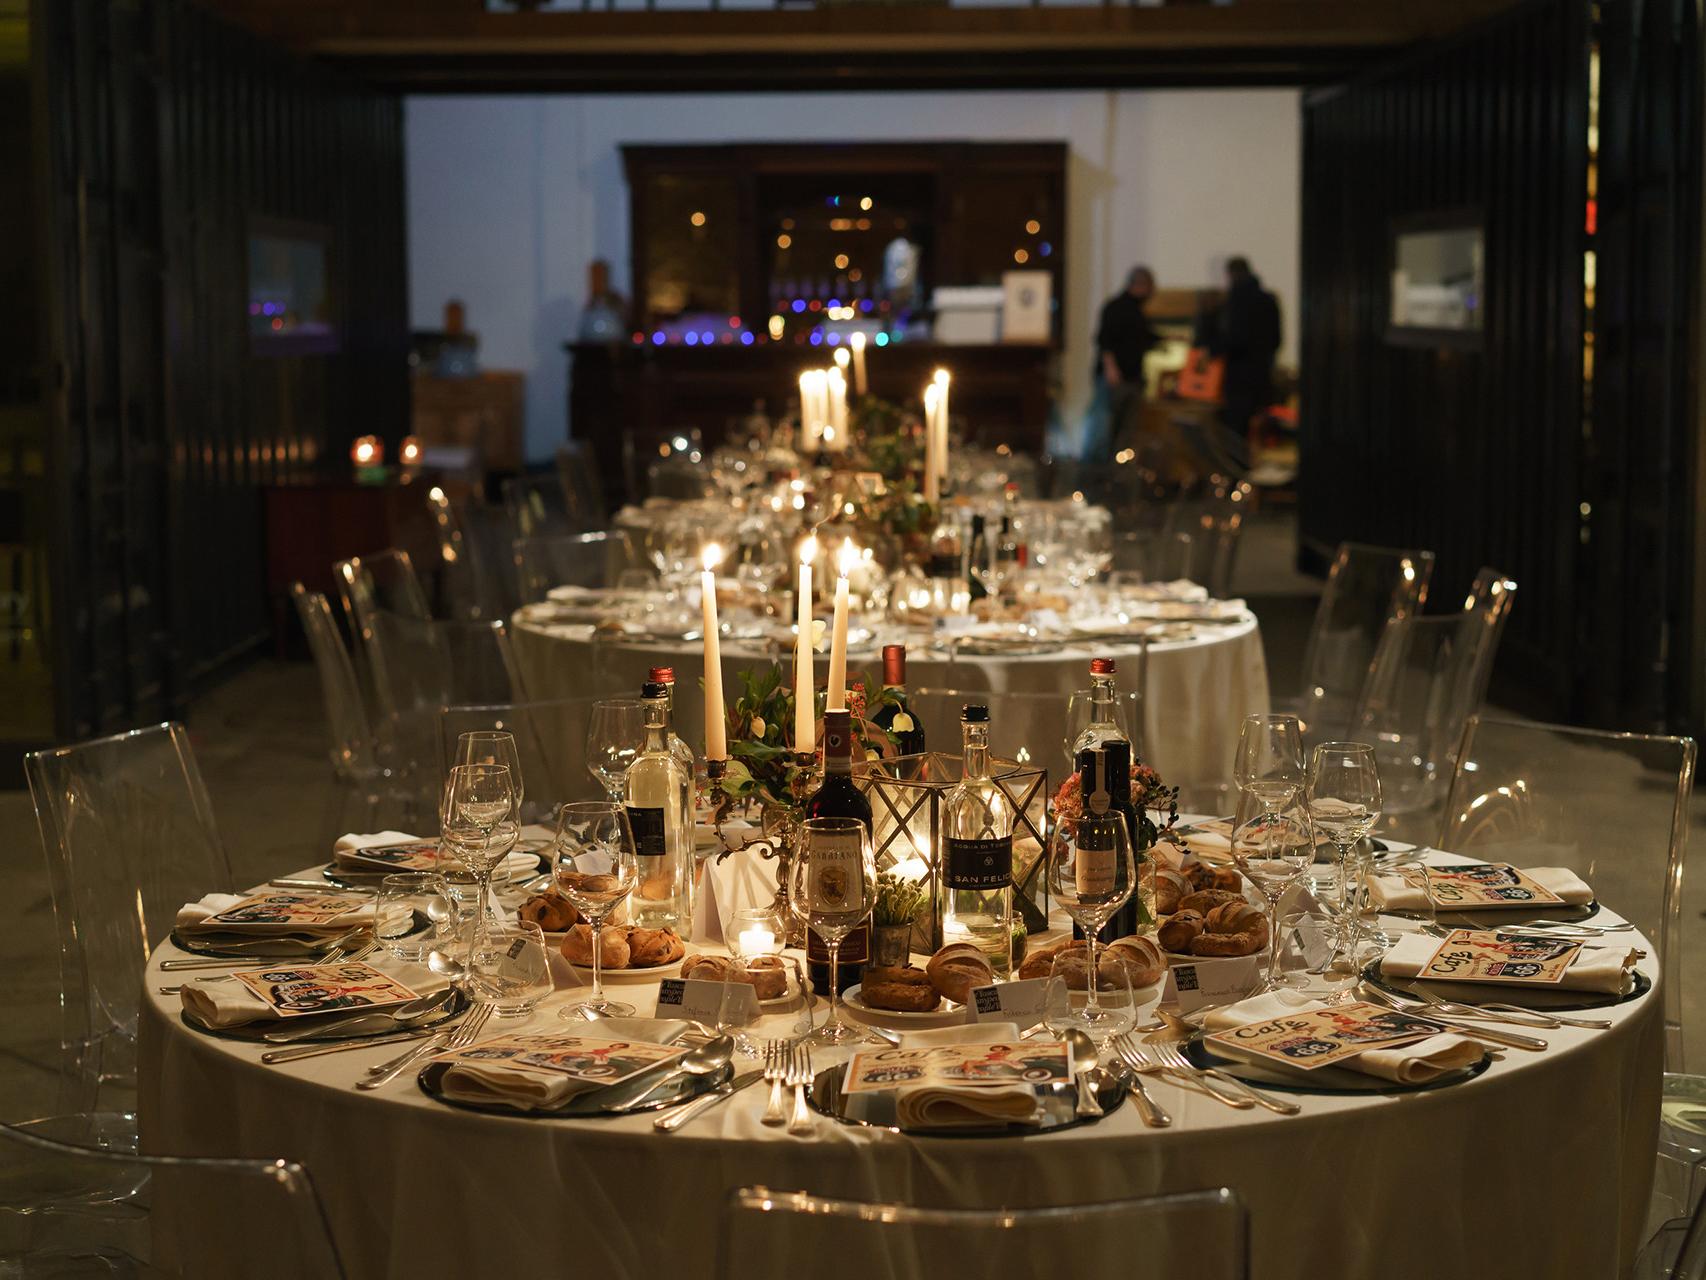 eventi-supper-club01 copy